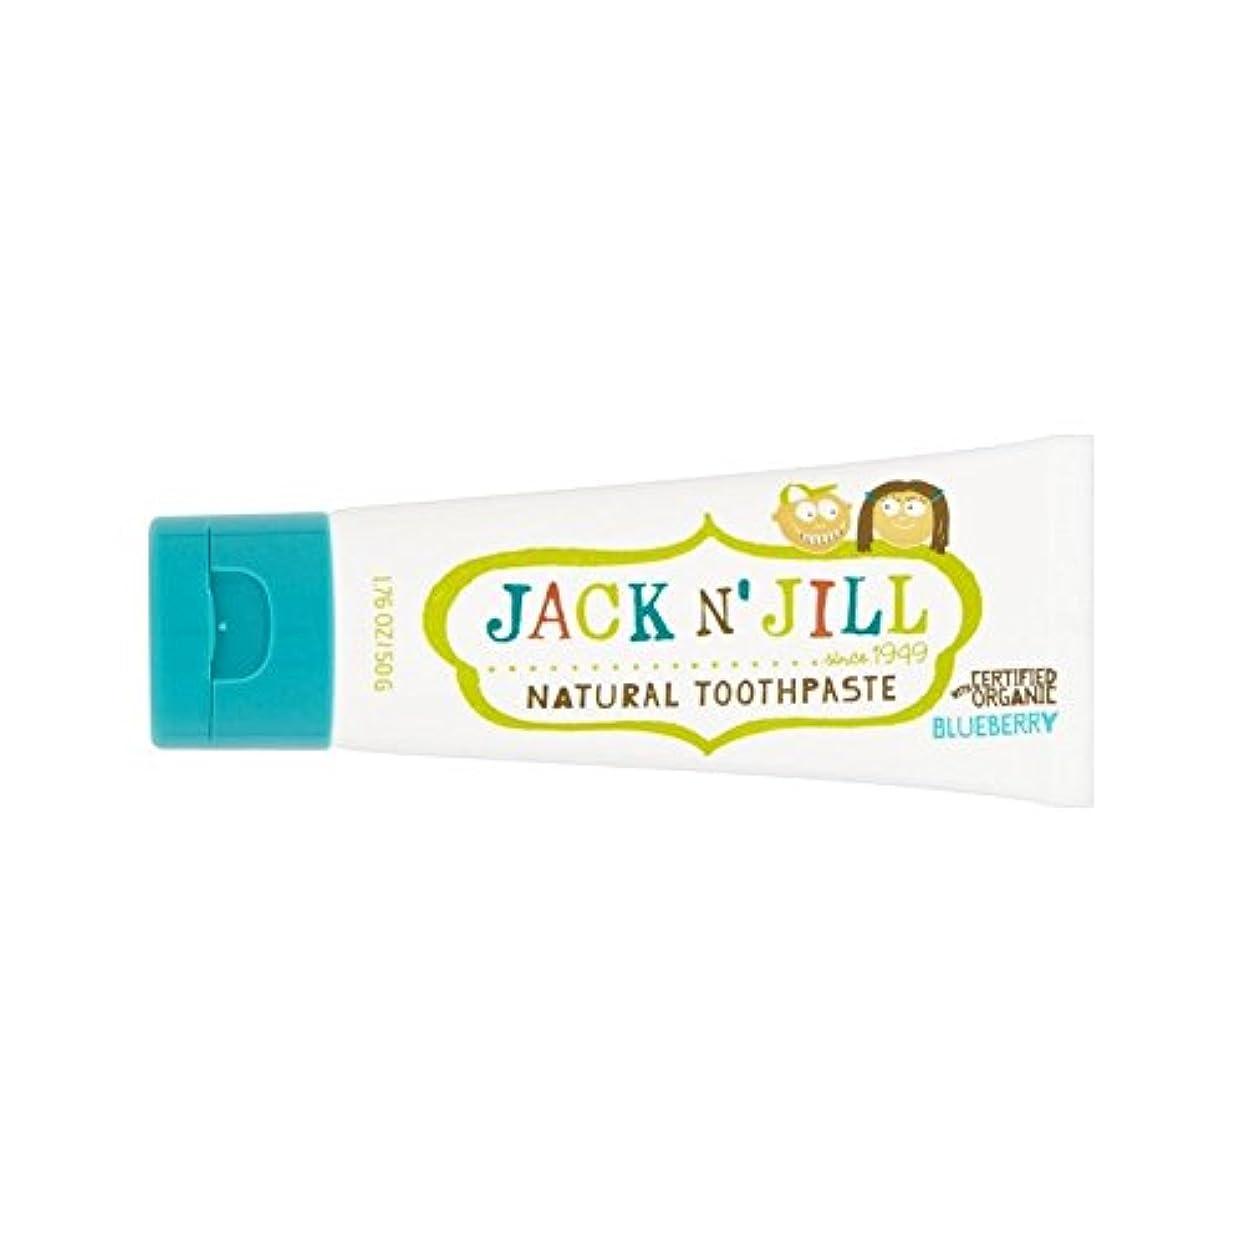 ベーシック支店協力的有機香味50グラムとの自然なブルーベリー歯磨き粉 (Jack N Jill) (x 4) - Jack N' Jill Blueberry Toothpaste Natural with Organic Flavouring...